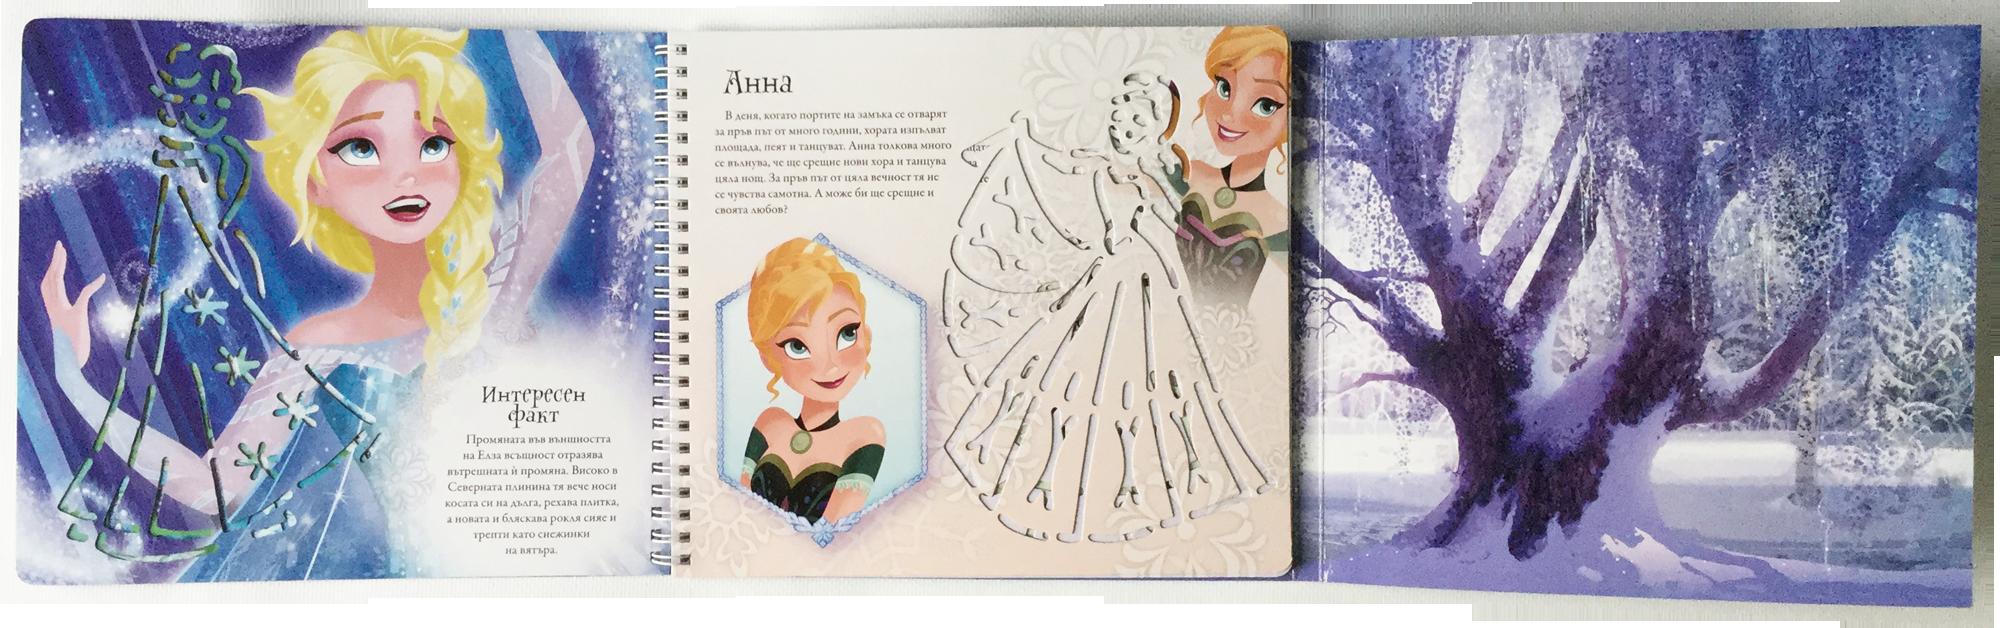 Замръзналото кралство: Книга с 8 шаблона за рисуване - 3